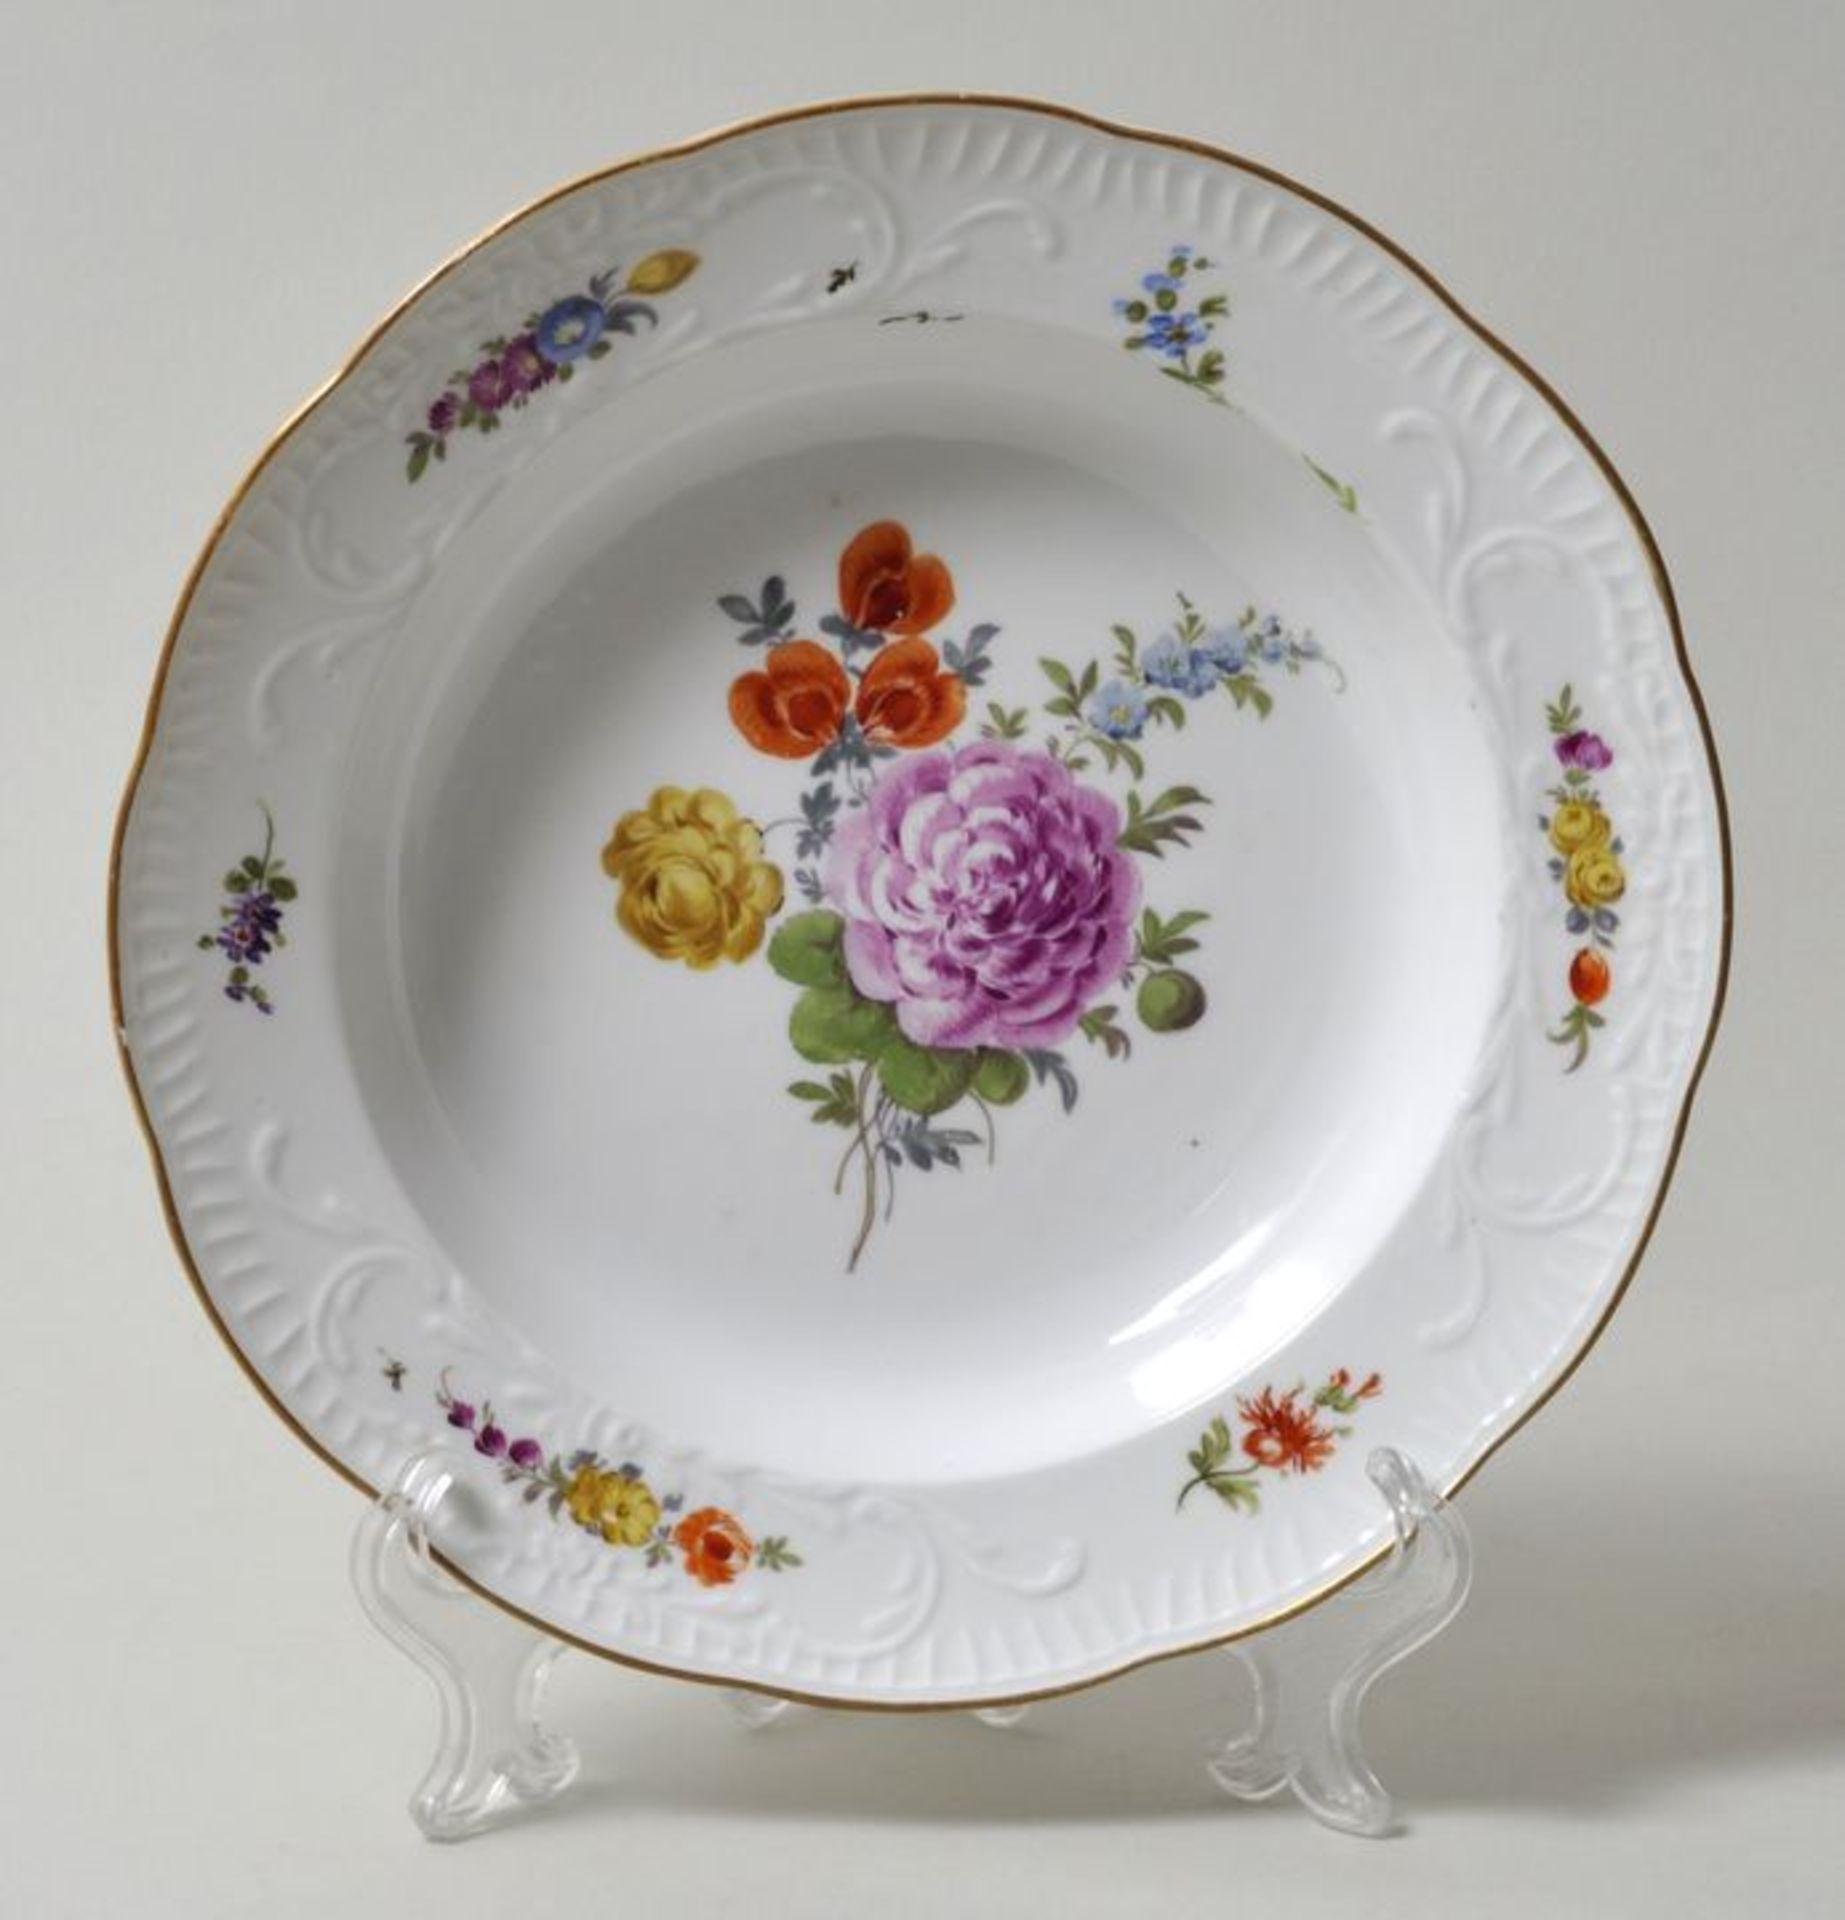 Los 37 - Tiefer Teller, Meissen, um 1770Porzellan. Neu-Spanischer Reliefzierrat, Manierblumenmalerei mit...